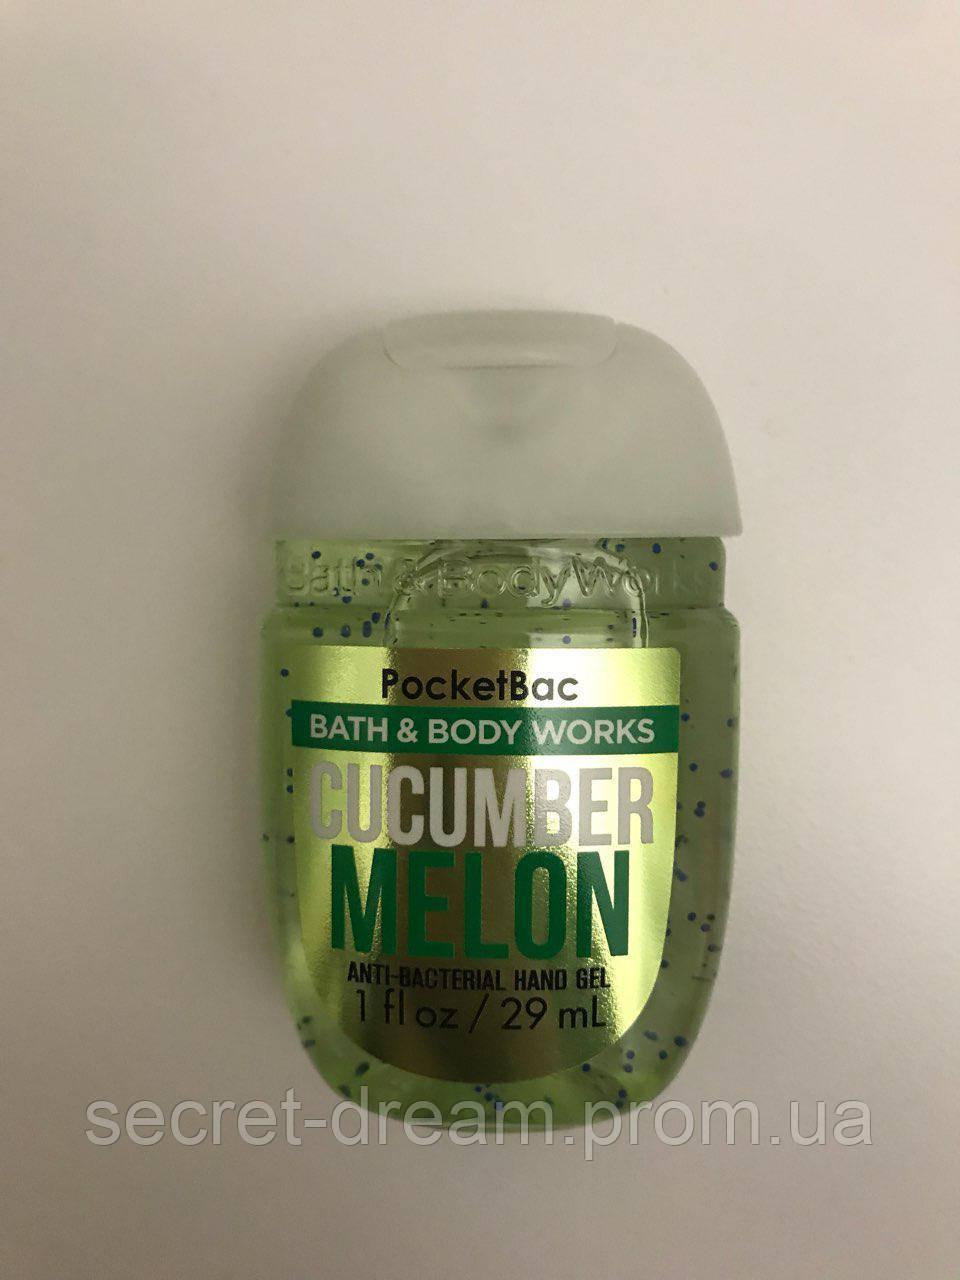 Санитайзер (антисептик для рук) Cucumber Melon  Bath and body works